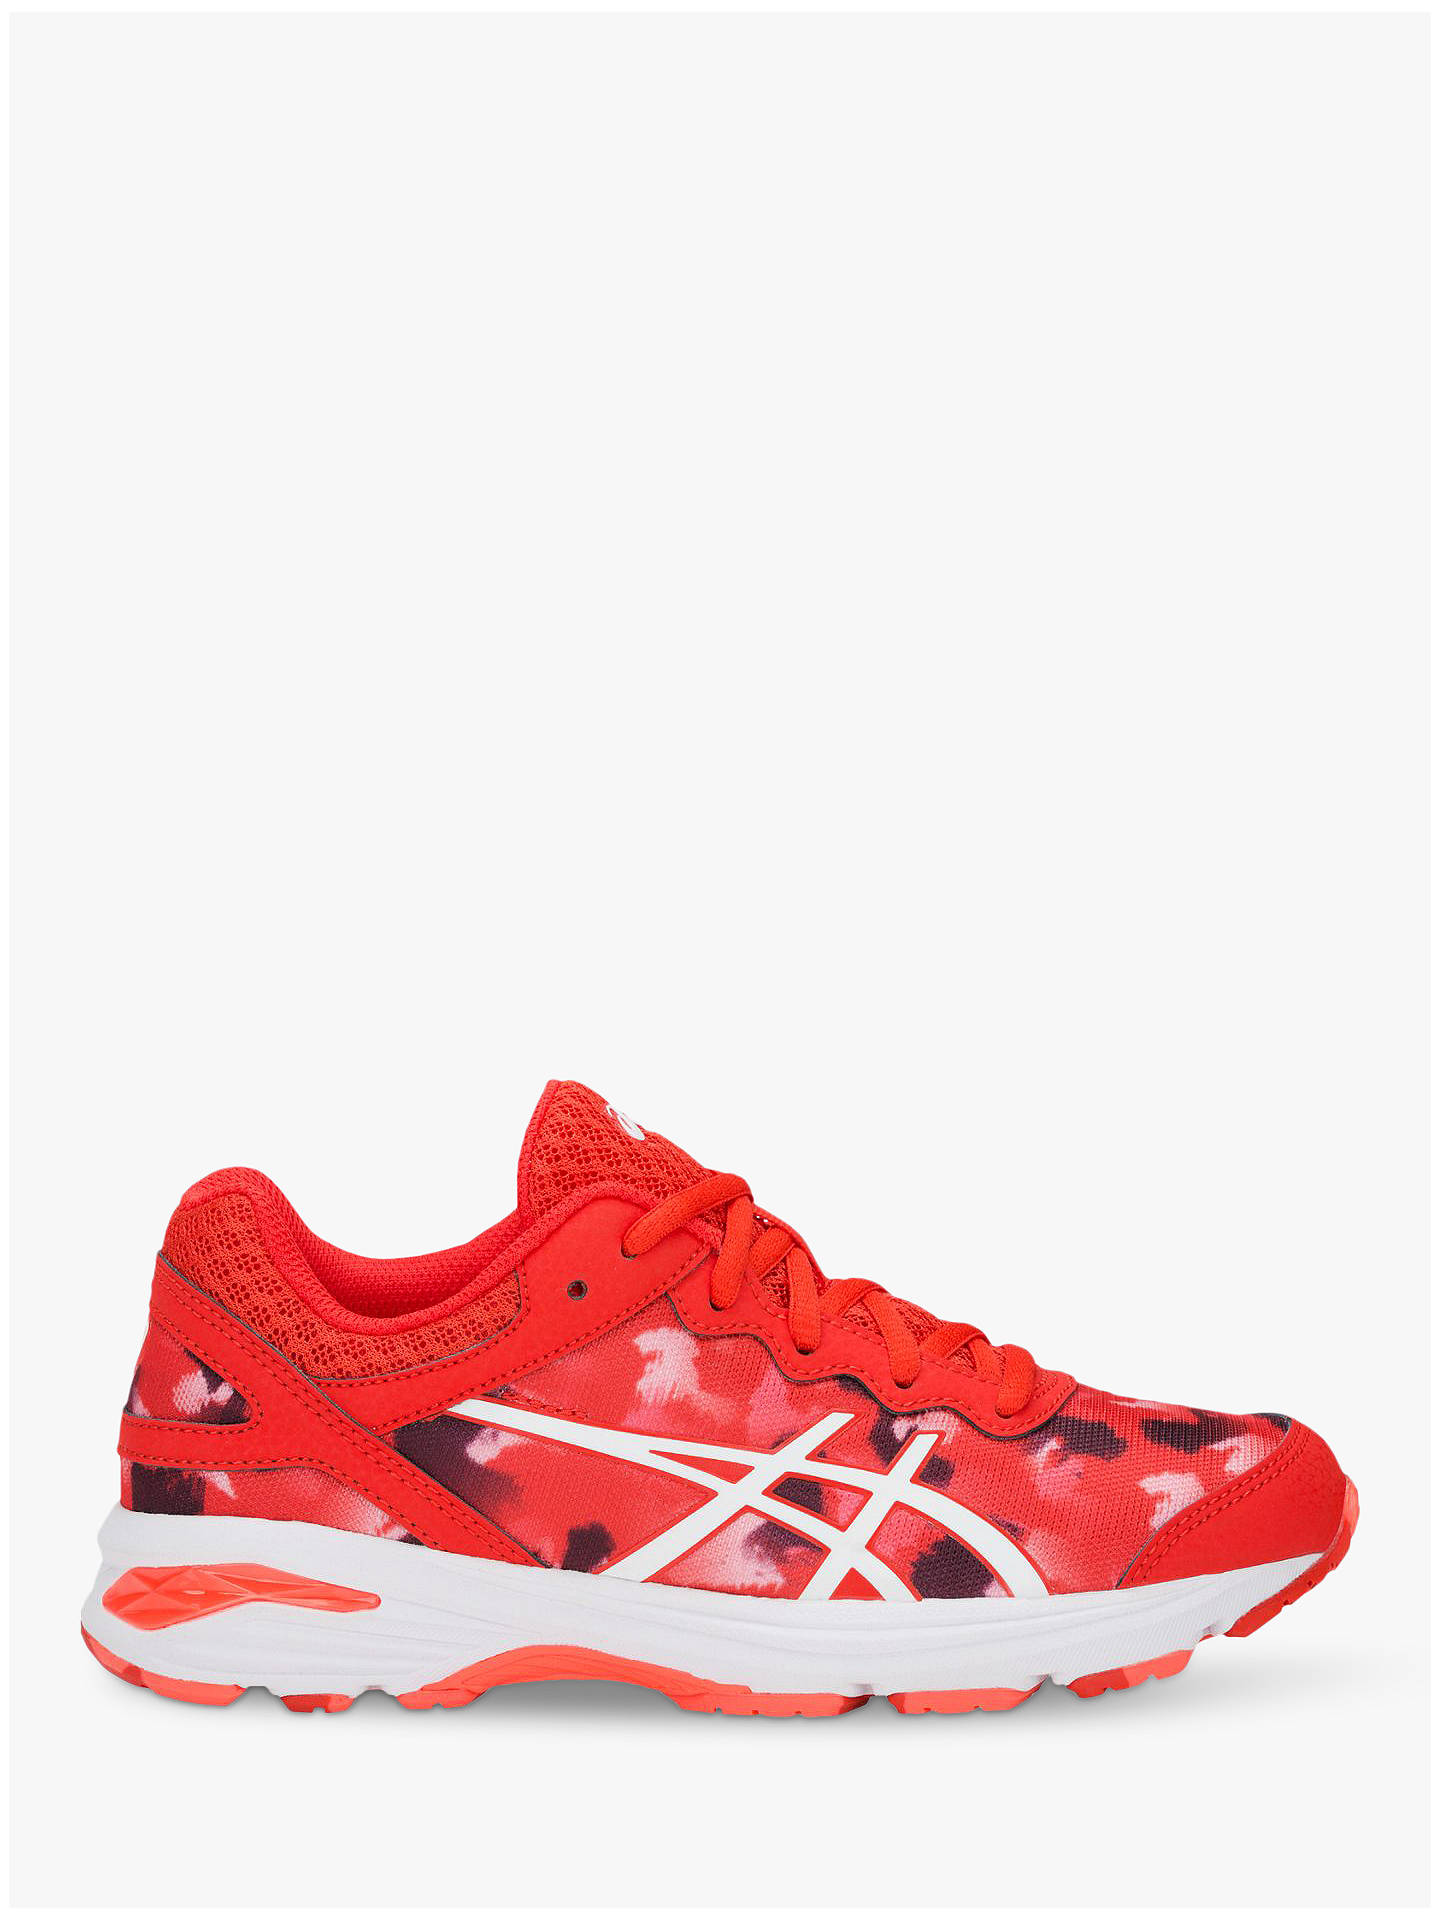 bce324b25b8 ASICS Children's GEL-Netburner Professional GS Netball Shoes, Fiery  Red/White